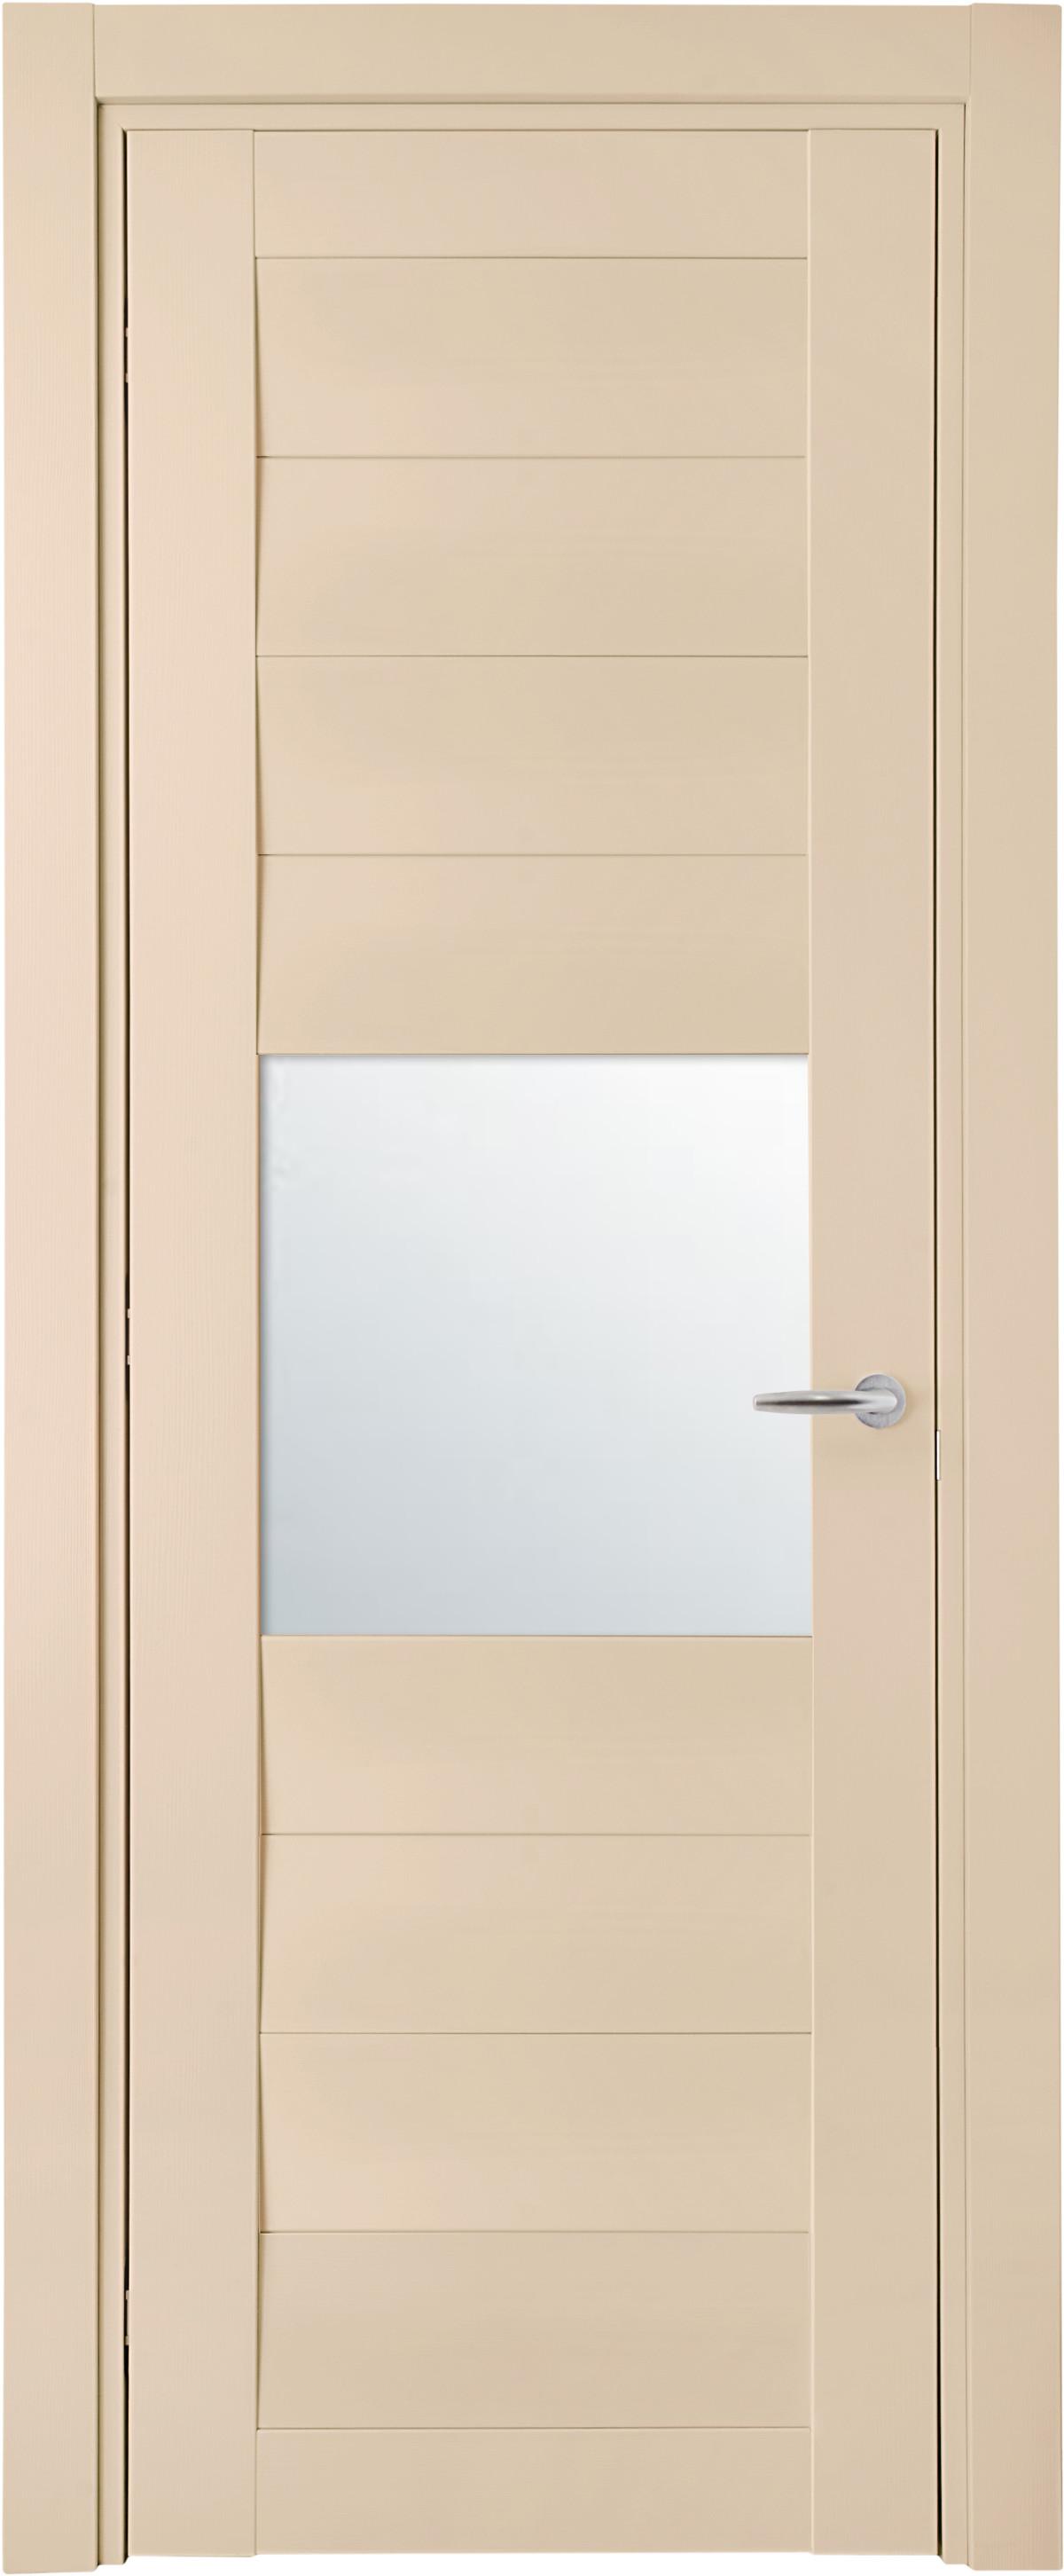 Итальянские двери Onda Largo 8K1S